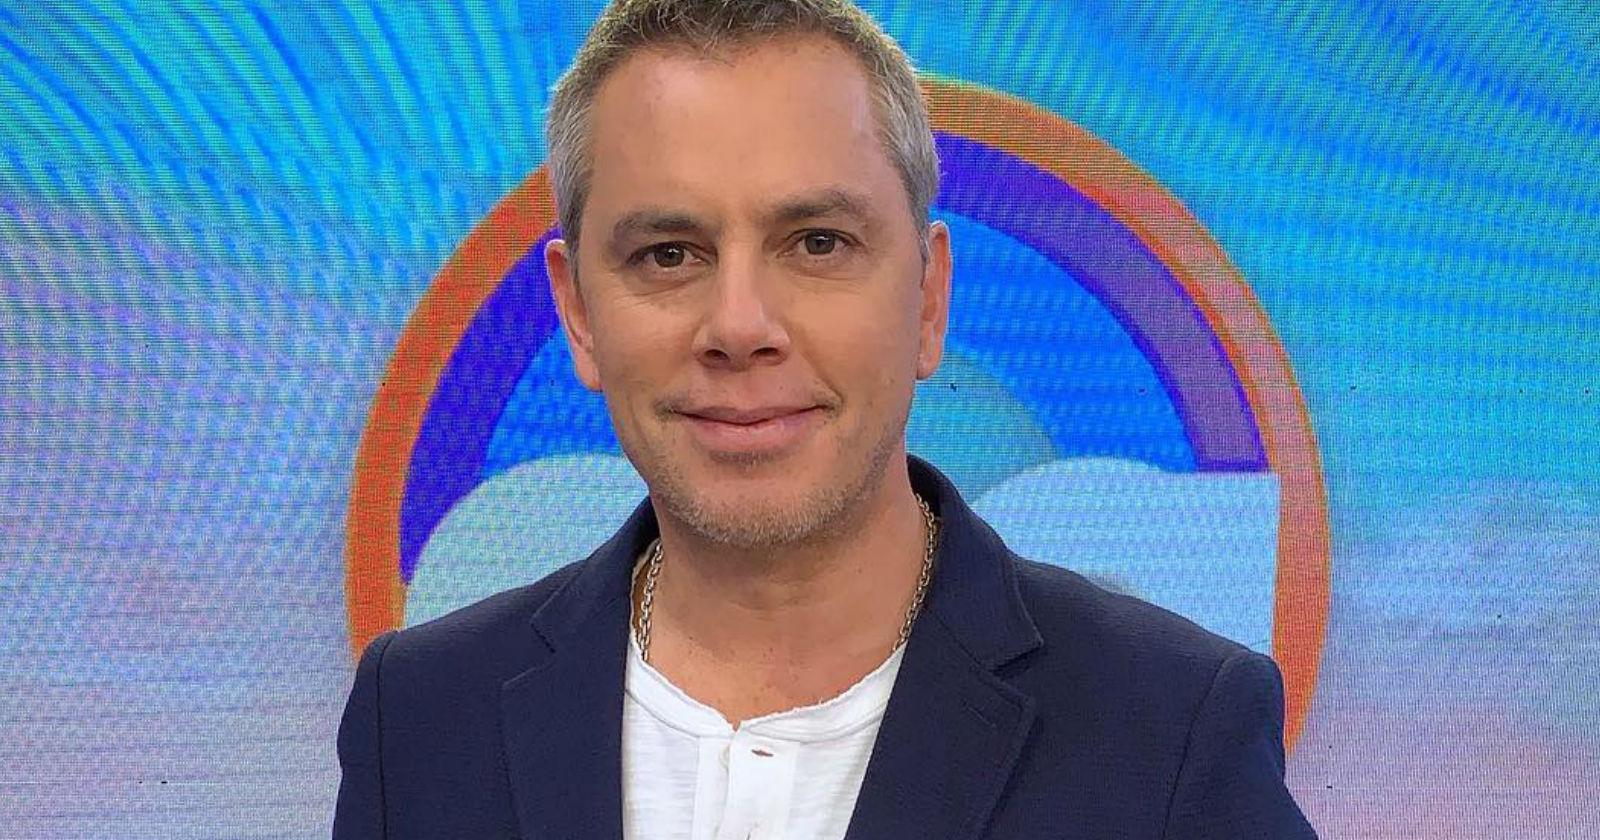 A cuatro meses de polémico corte de pelo: José Miguel Viñuela regresará al Mucho Gusto